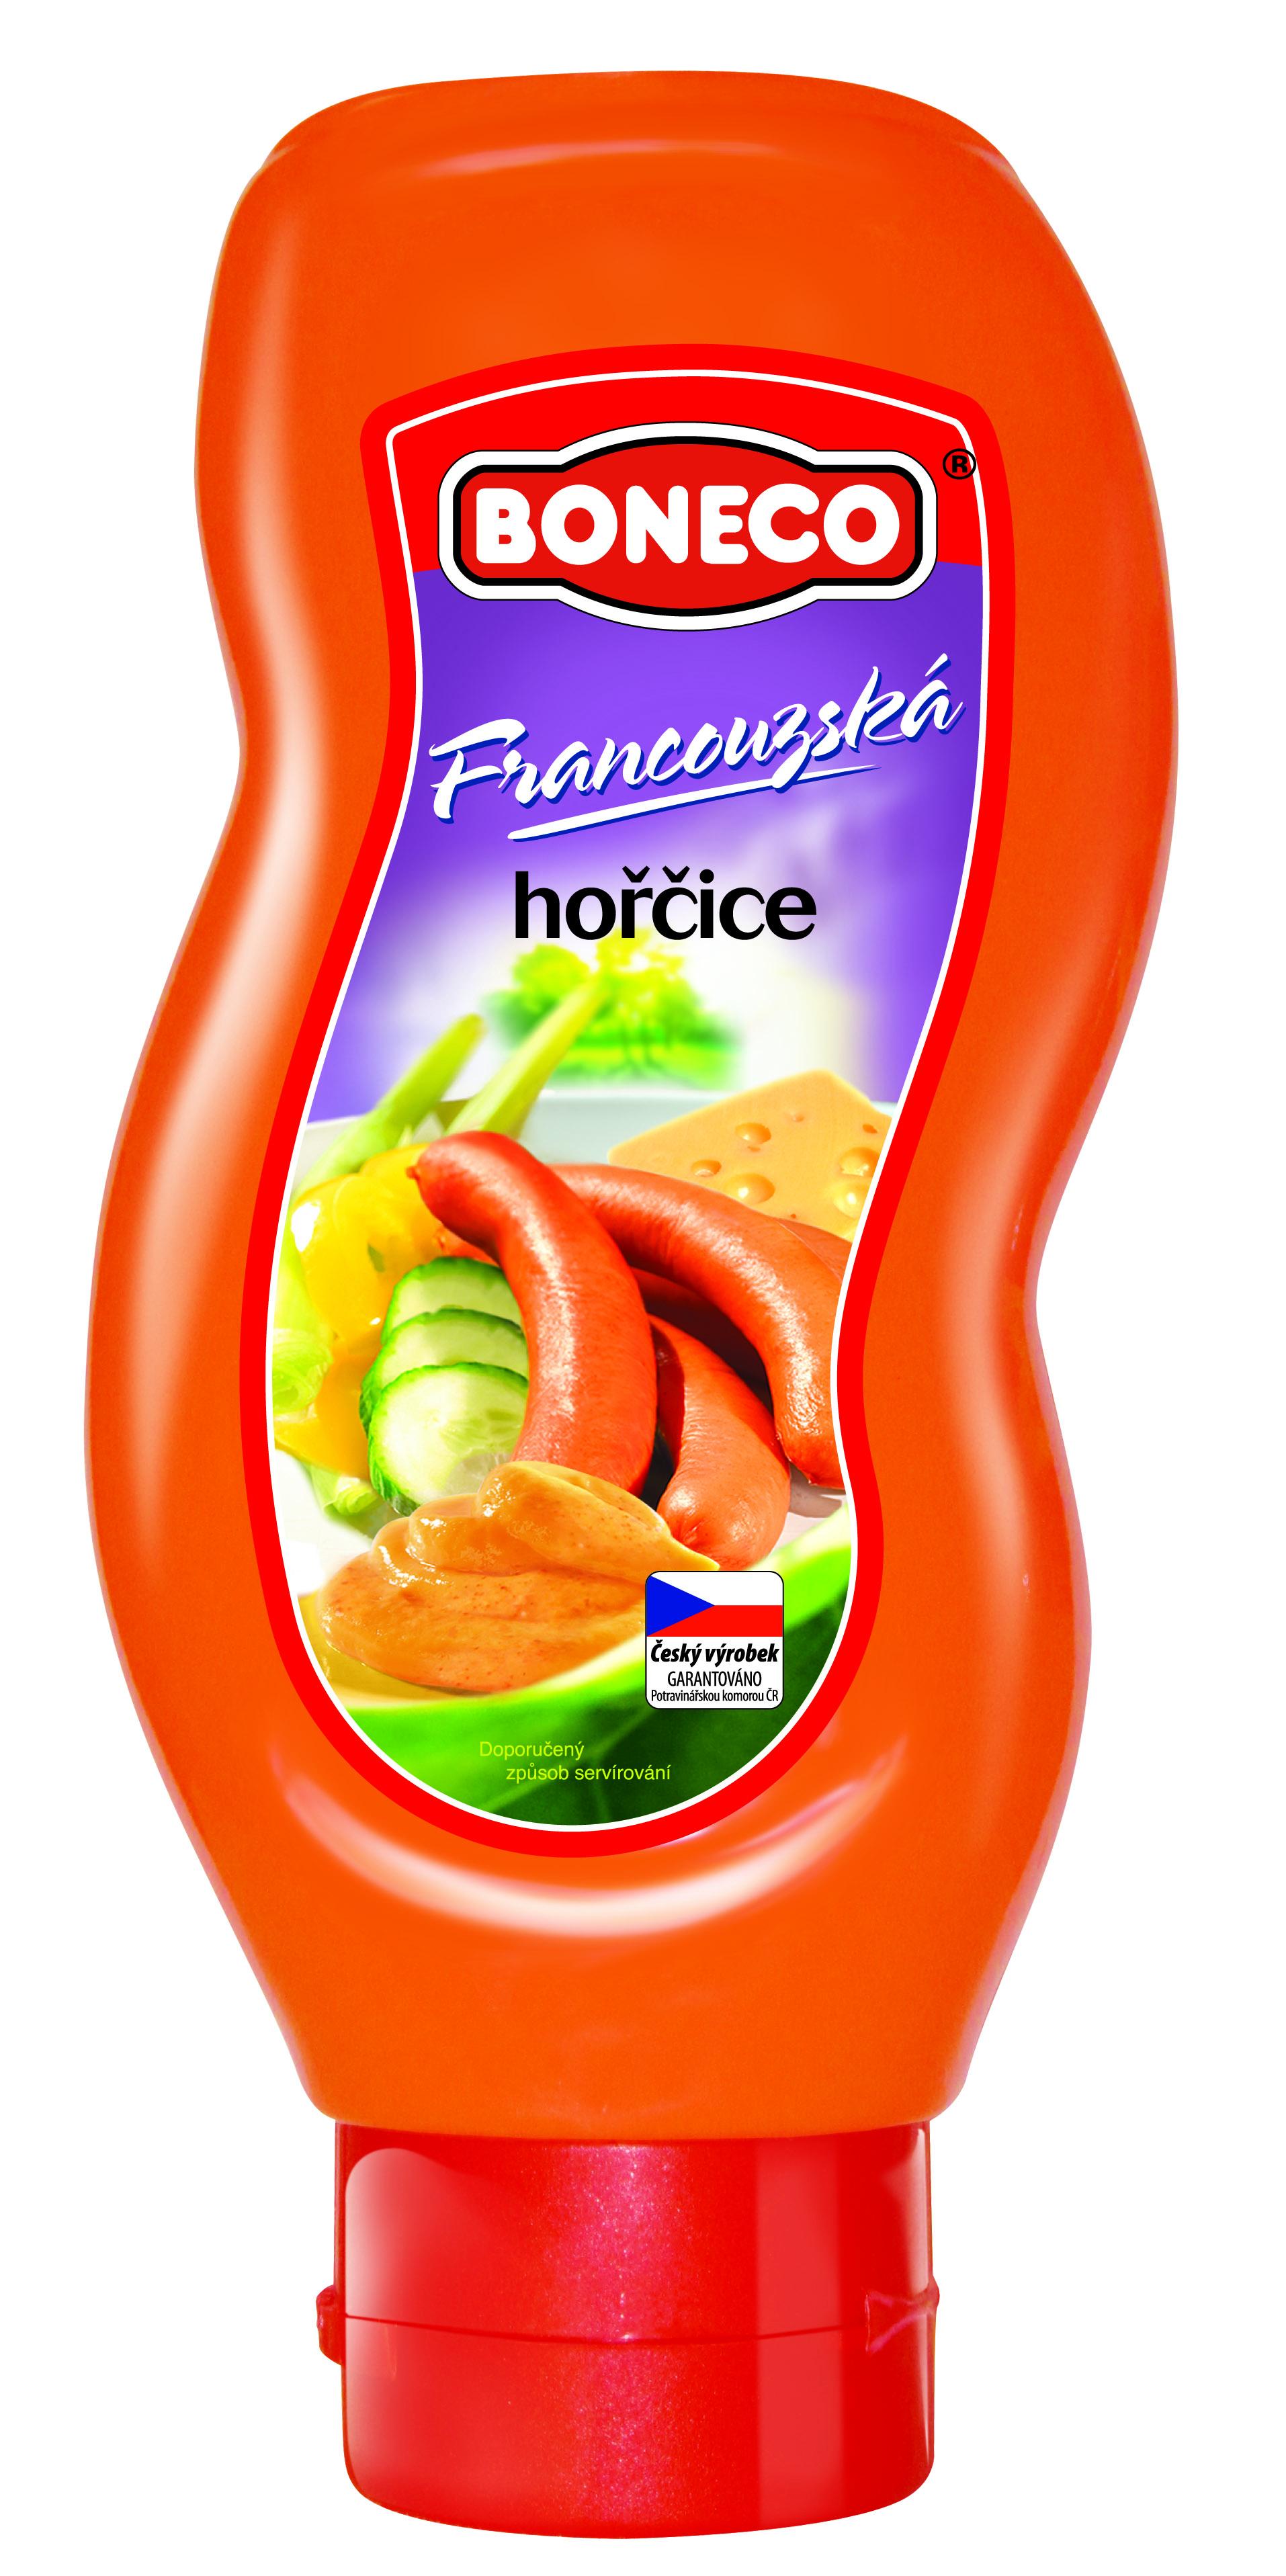 Značka Hořčice francouzská